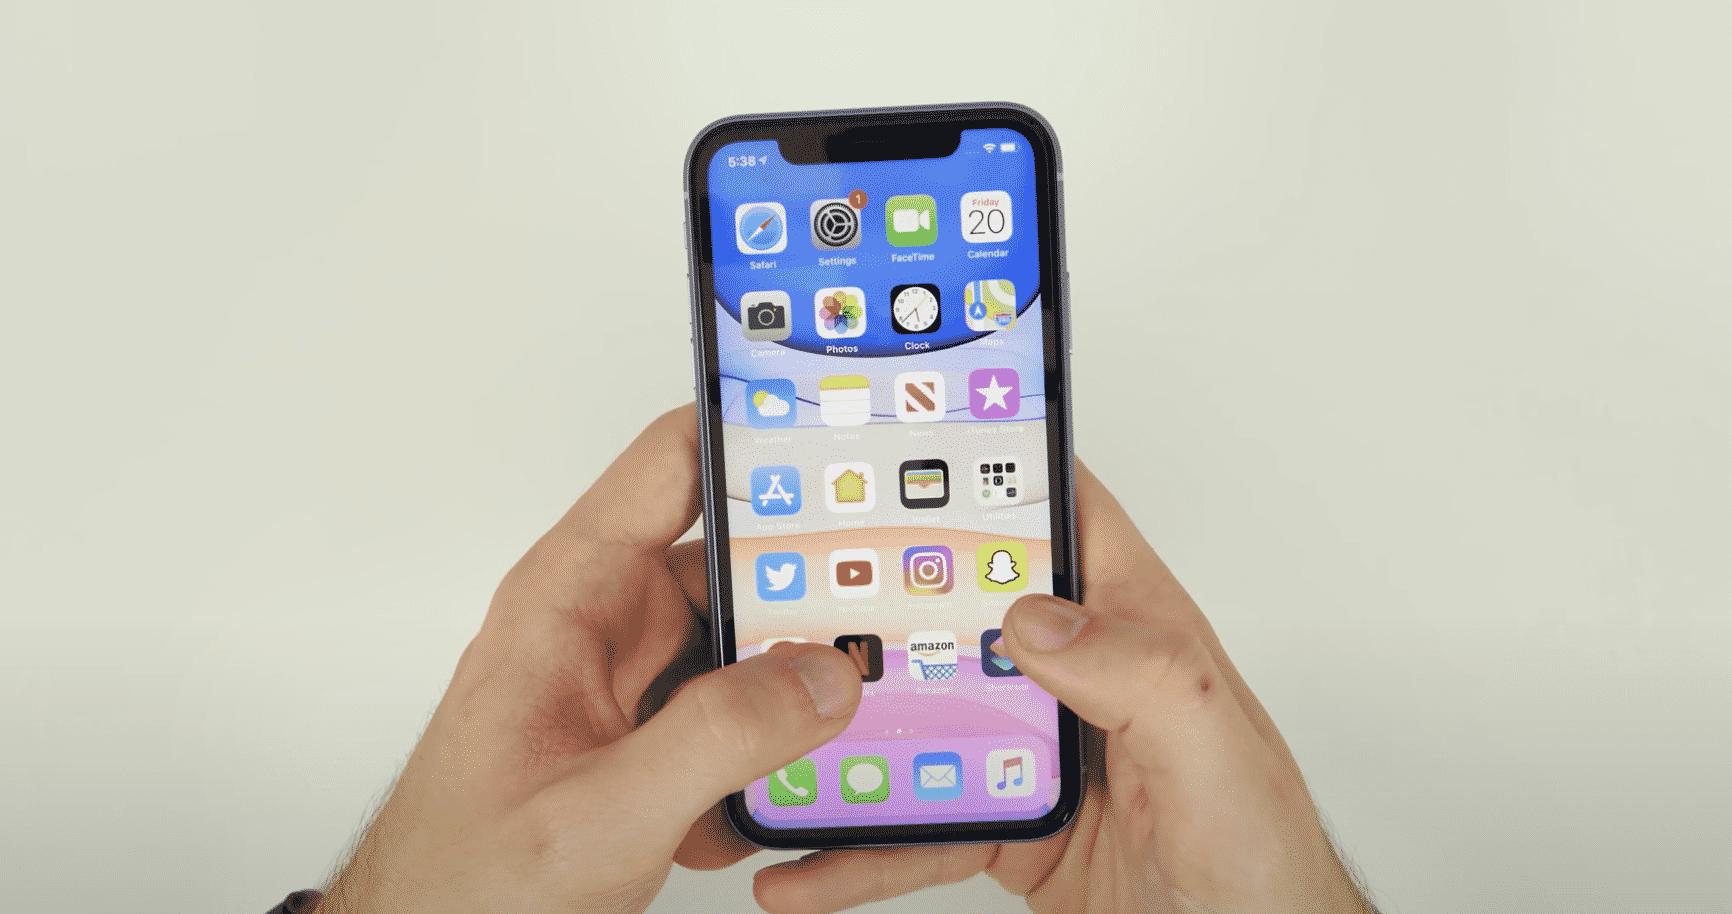 cómo hacer una captura de pantalla en iPhone 11 y iPhone 11 Pro